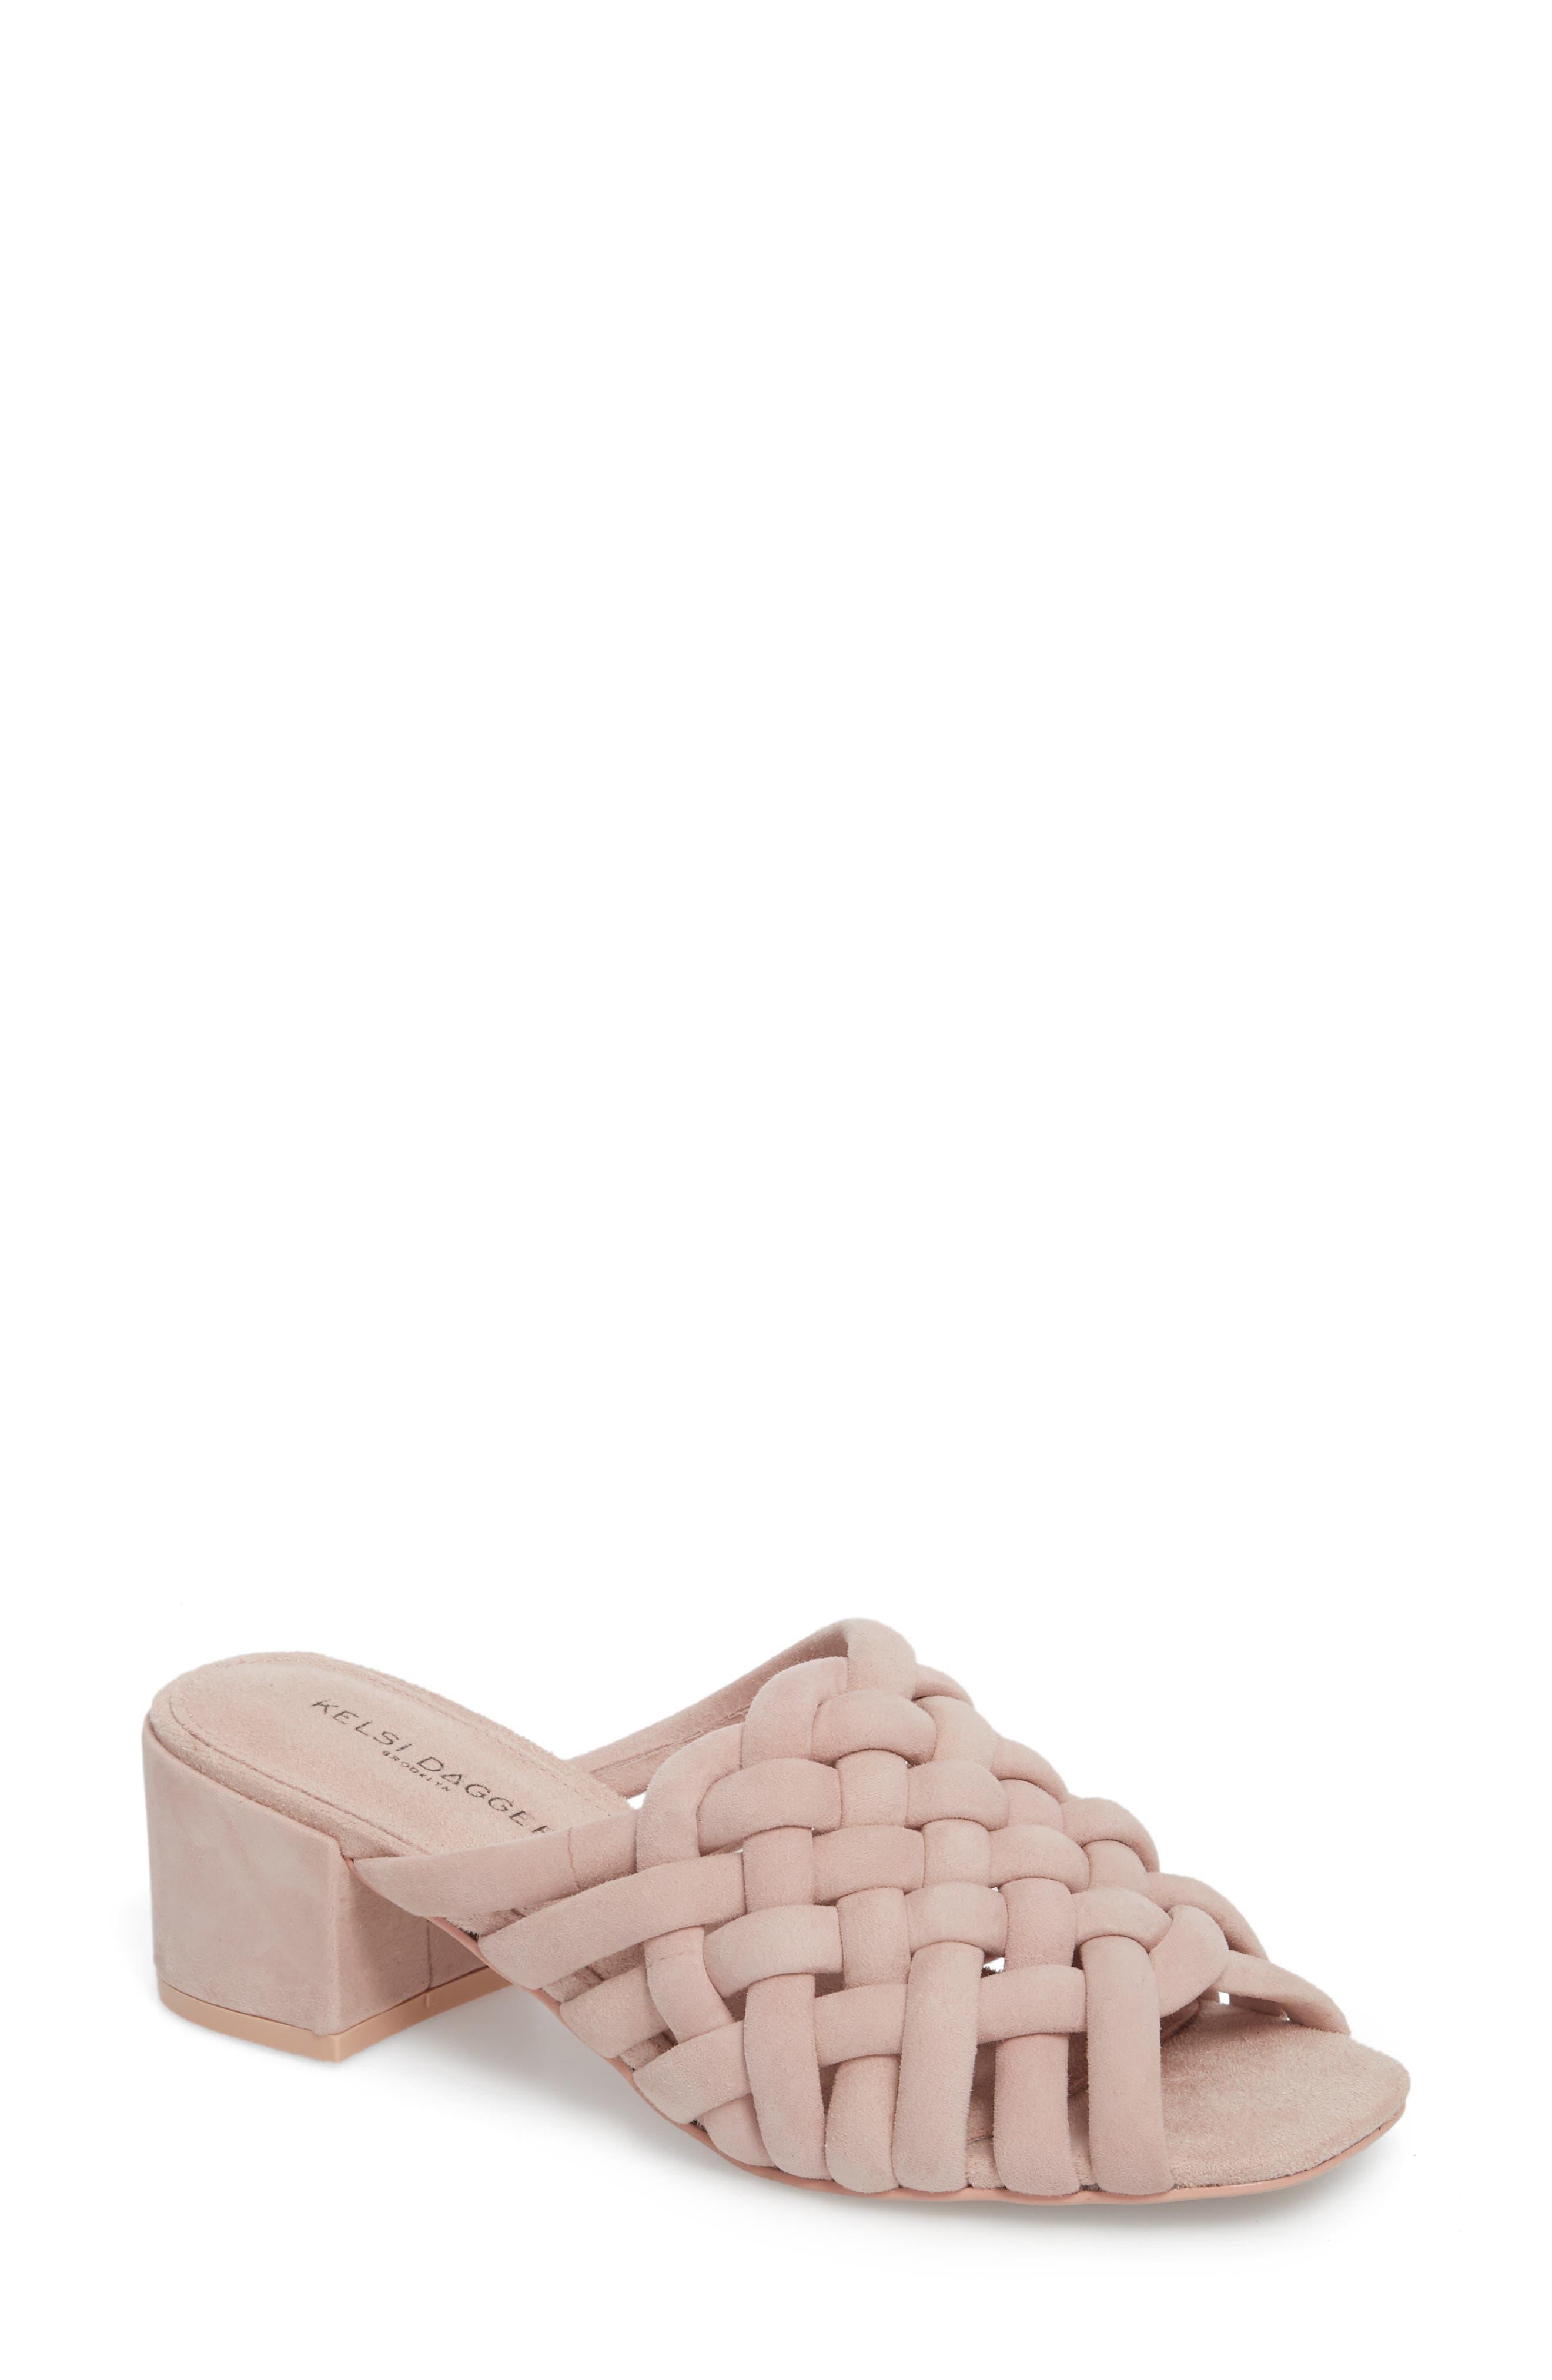 Sky Dress Woven Mule Sandal,                         Main,                         color, Pale Pink